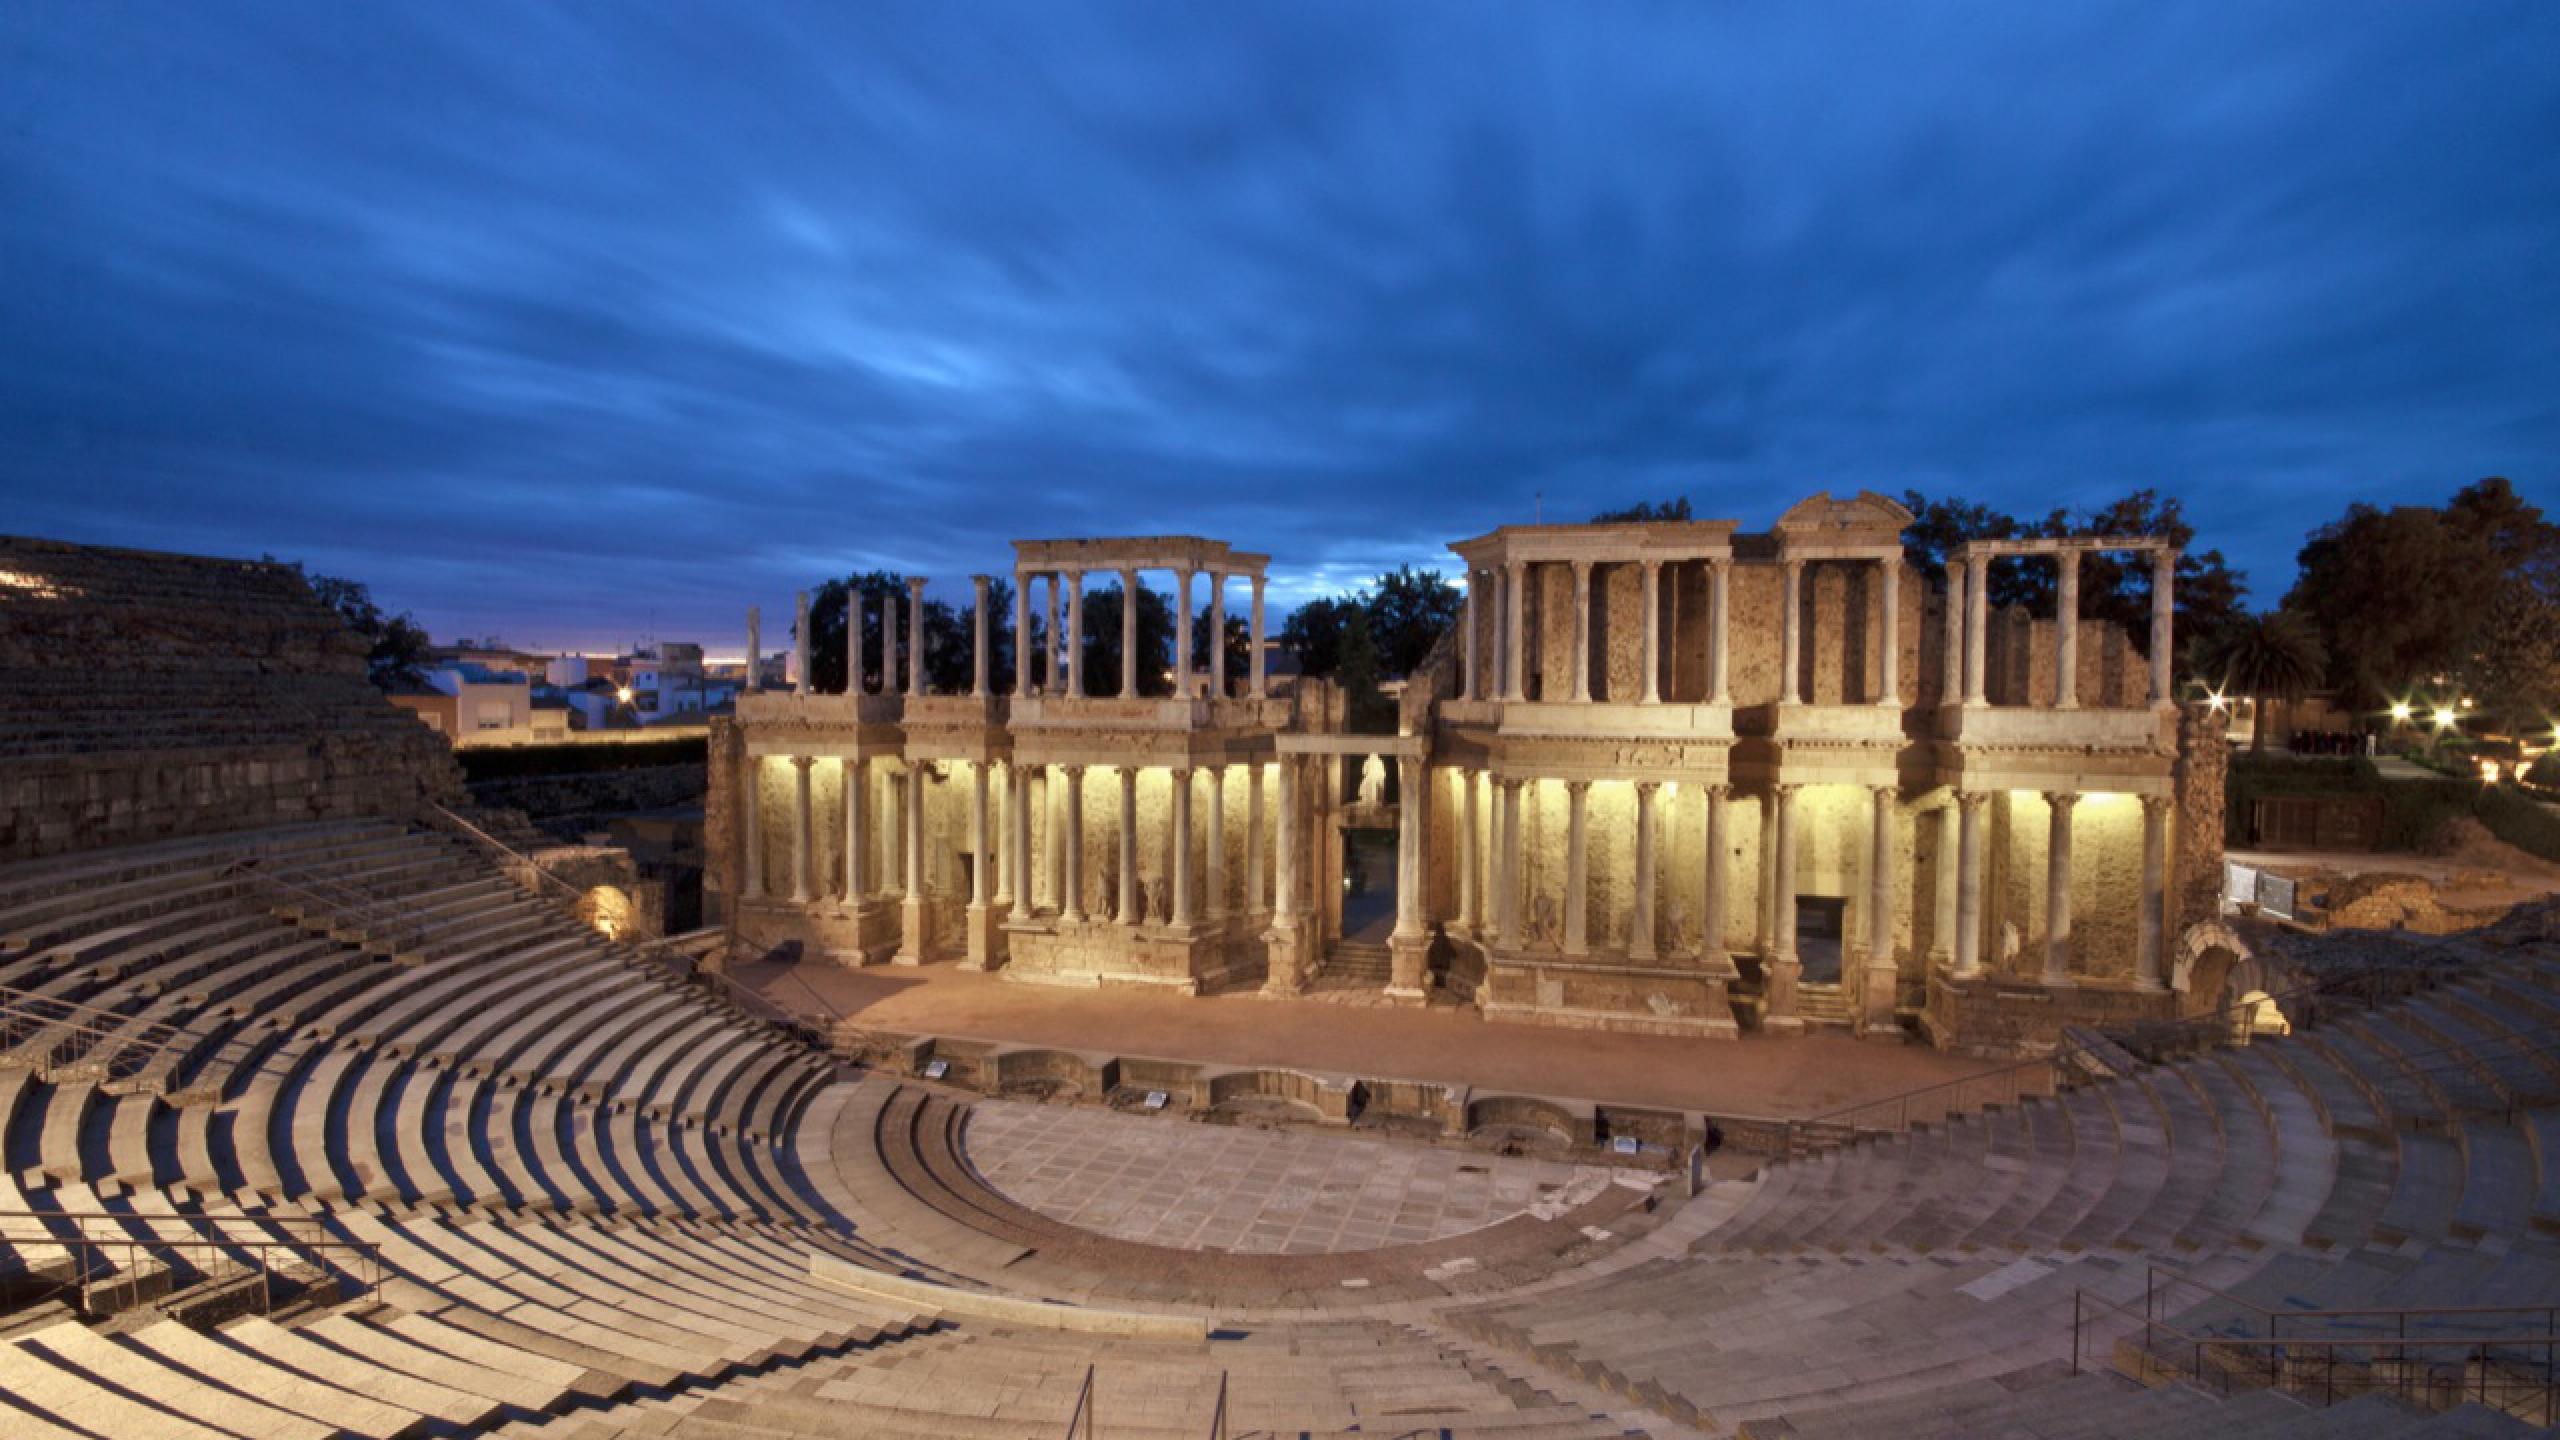 Boda Teatro Romano Merida : Teatro romano de mérida entradas y conciertos